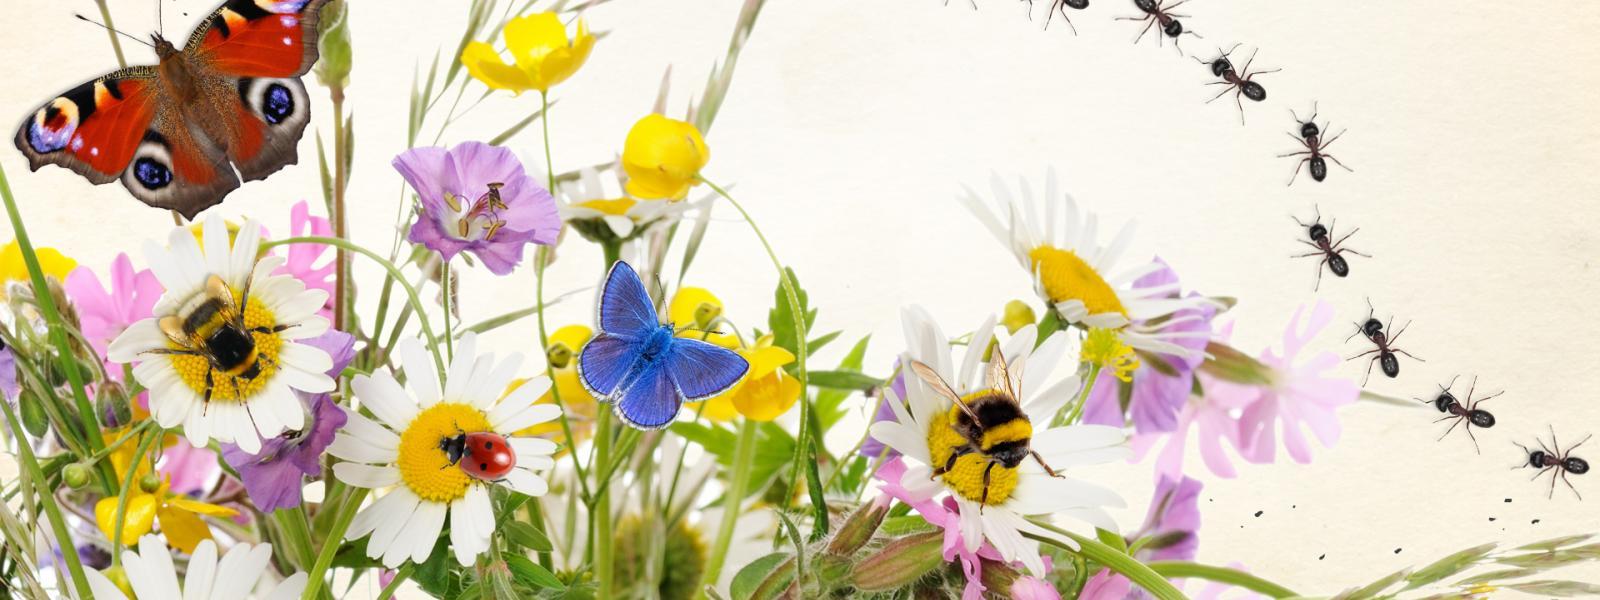 Schmetterlinge, Käfer, Ameisen, Blumen